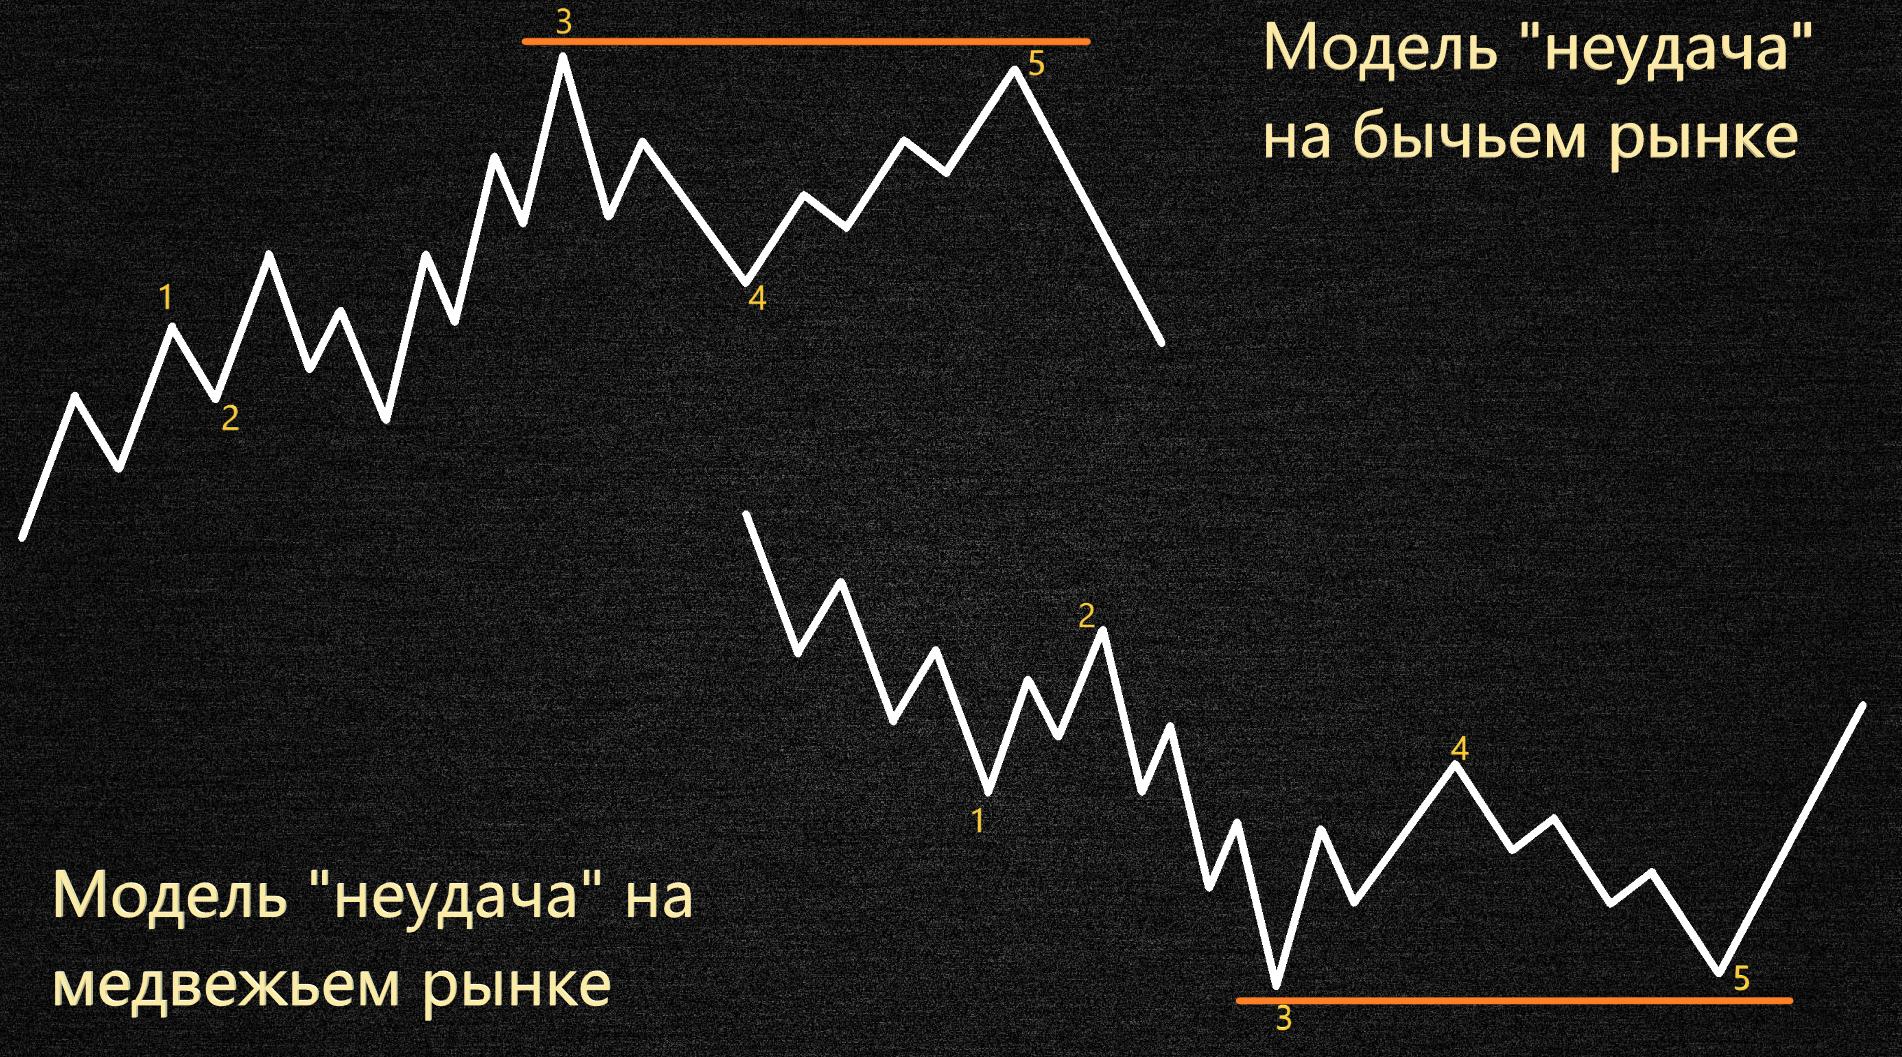 Сильный нисходящий рынок, открытый интерес и объем падают